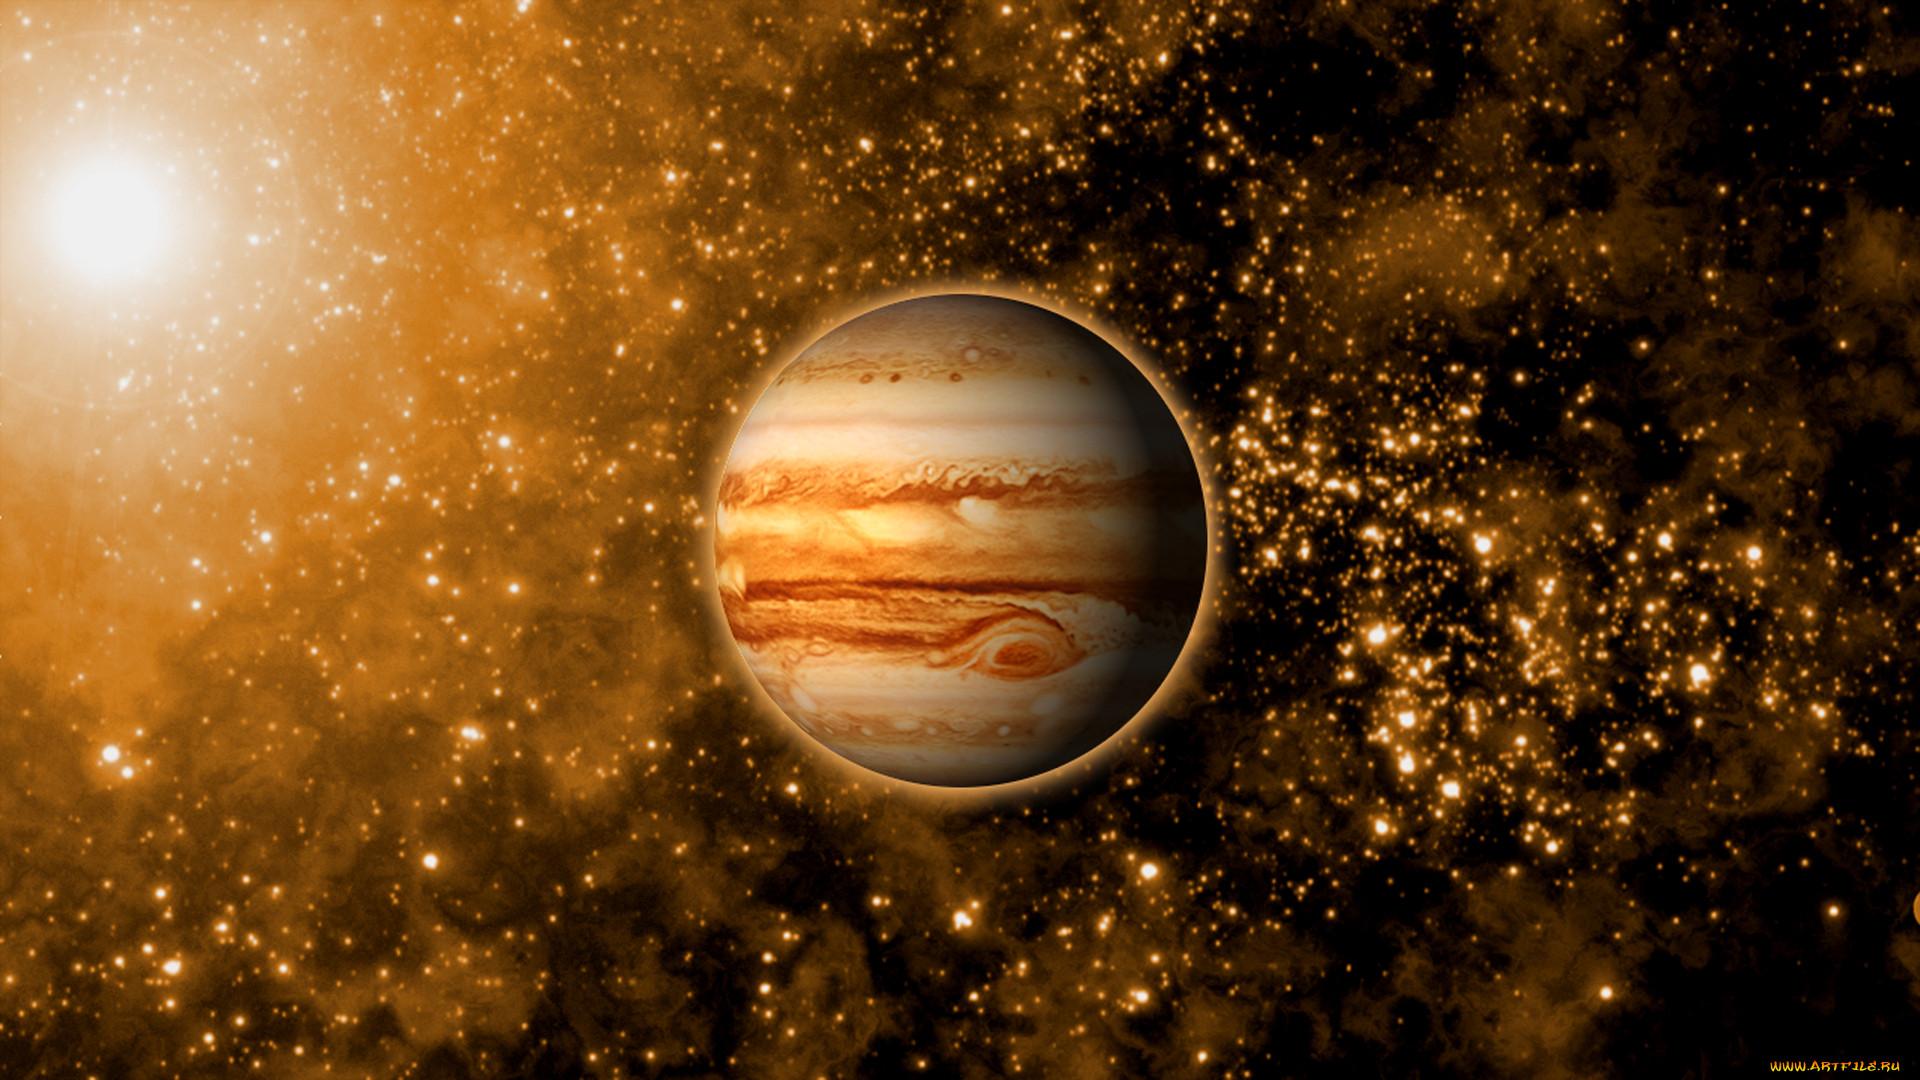 картинки космос планета юпитер пожарные расчёты